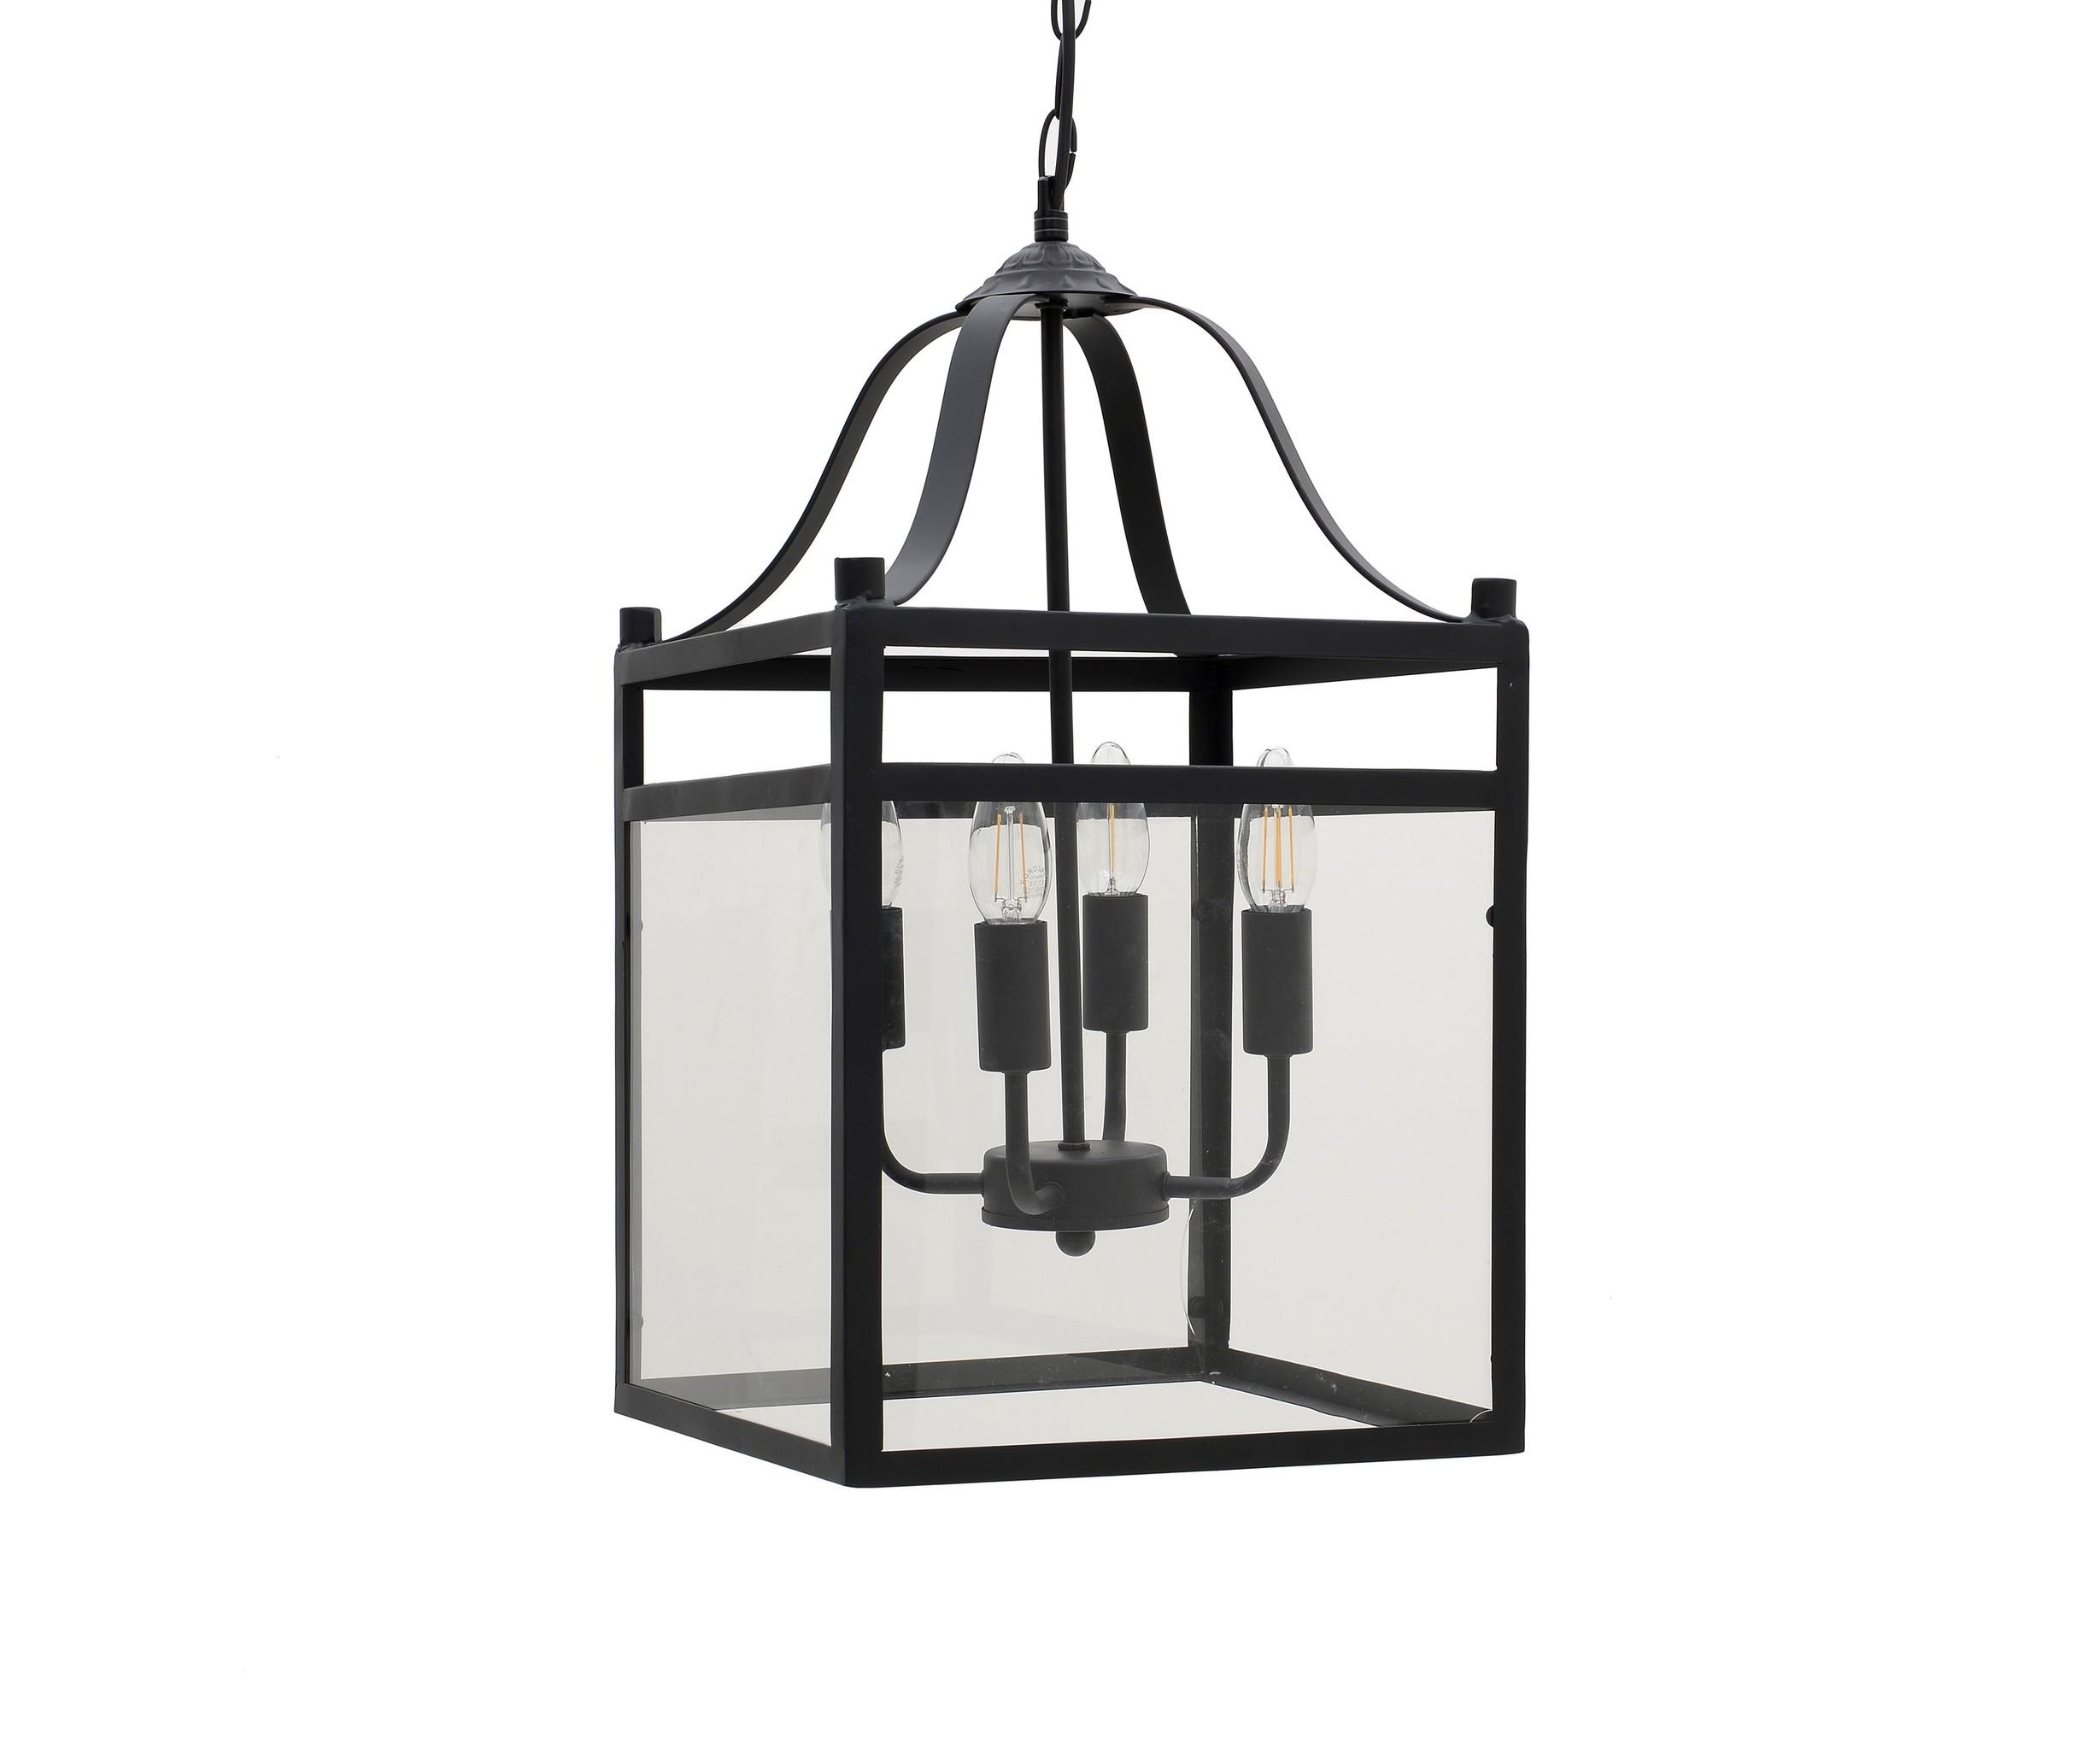 Лампа потолочная AnatoliaПодвесные светильники<br>&amp;lt;div&amp;gt;Тип цоколя: E14&amp;lt;/div&amp;gt;&amp;lt;div&amp;gt;Мощность: 40W&amp;lt;/div&amp;gt;&amp;lt;div&amp;gt;Кол-во ламп: 4 (нет в комплекте)&amp;lt;/div&amp;gt;<br><br>Material: Металл<br>Ширина см: 30<br>Высота см: 56<br>Глубина см: 30